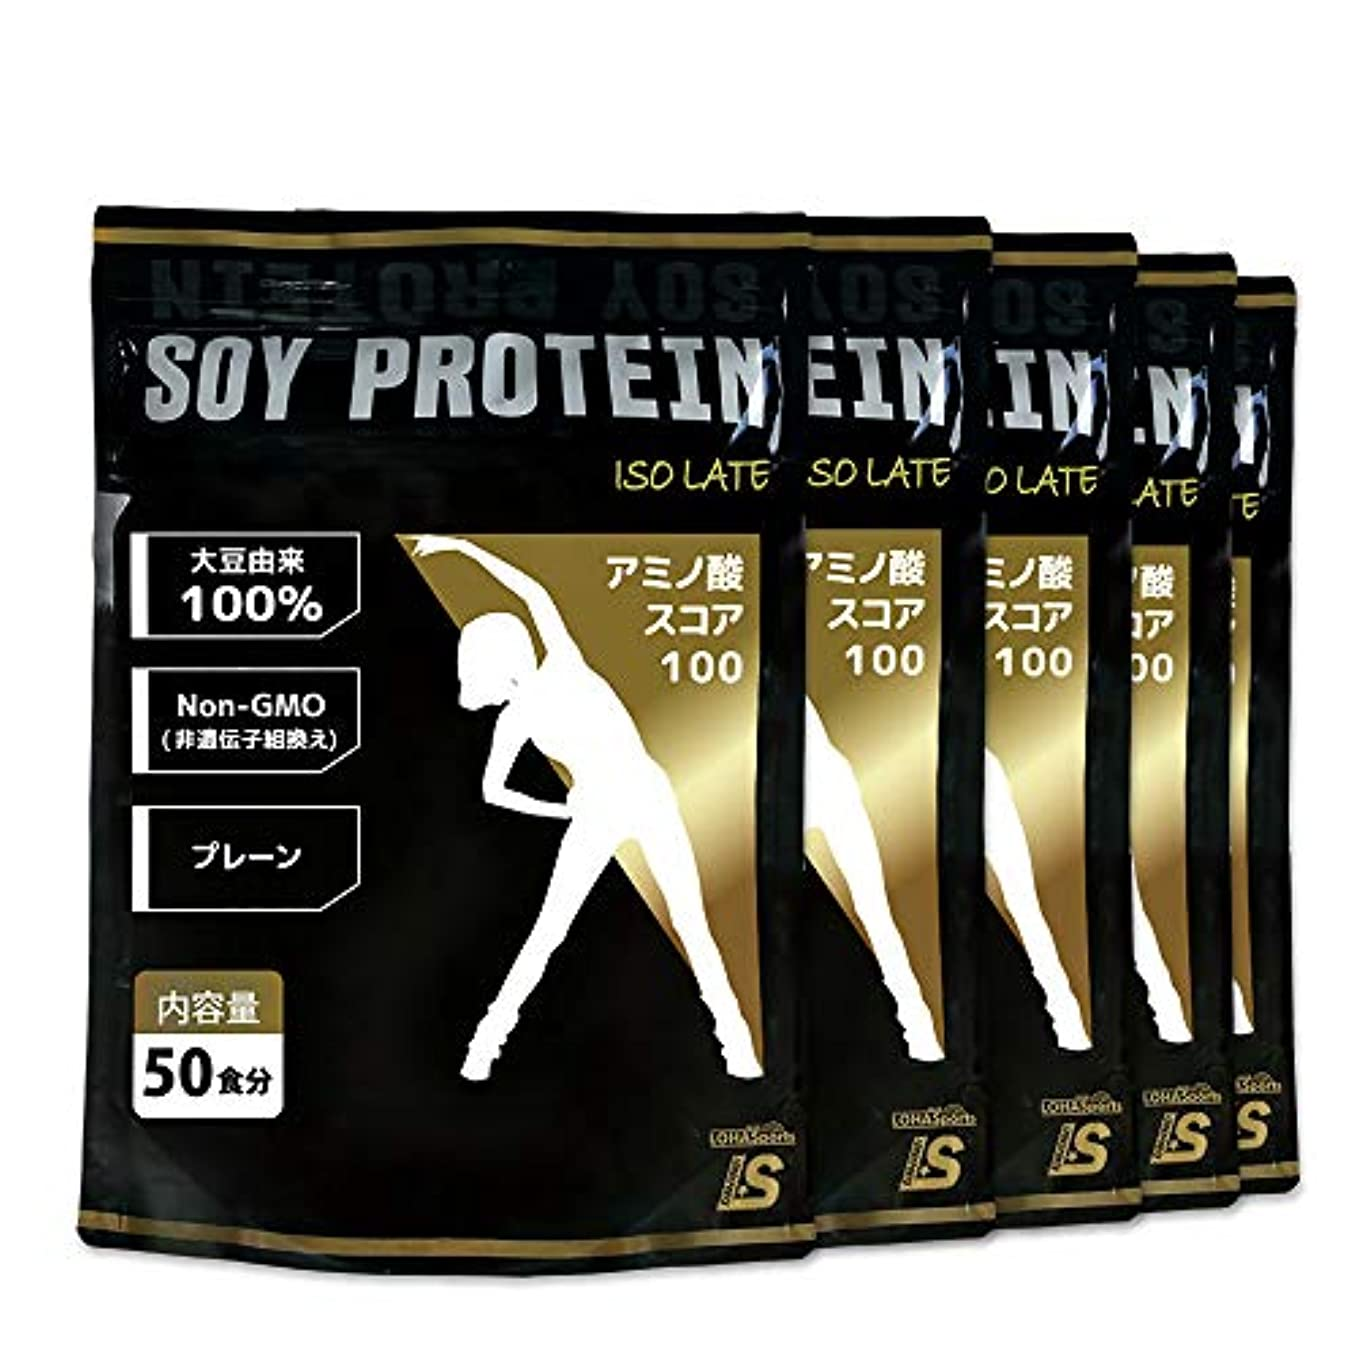 勇気のある頬骨お金ゴムLOHAStyle ソイプロテイン 大豆プロテイン 無添加 ((5kg(1kg×5袋)) 約250食分) アミノ酸スコア100 [非遺伝子組み換え]